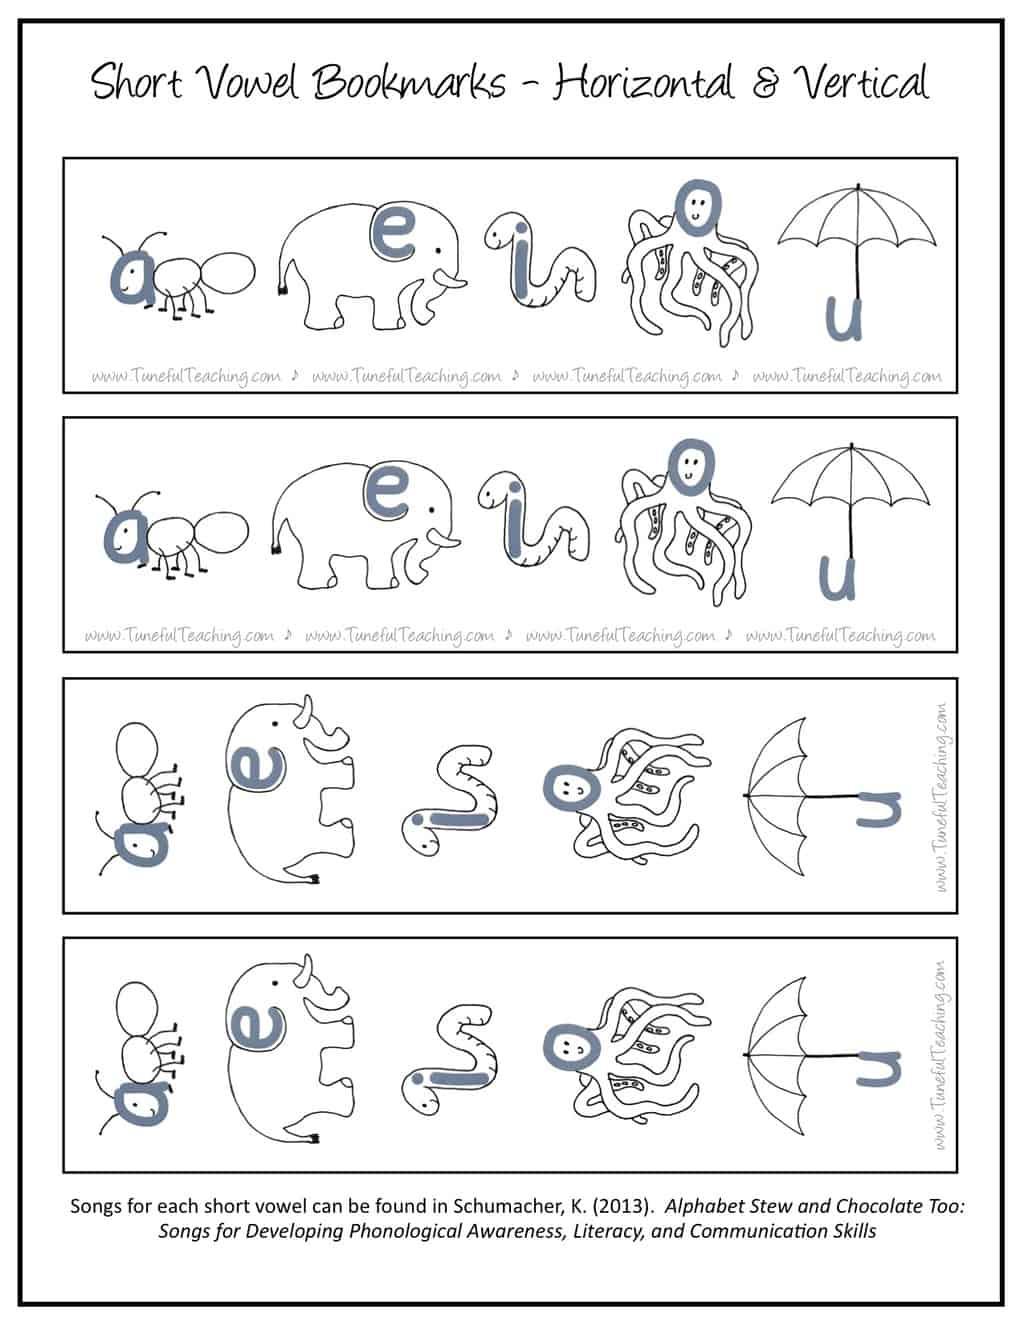 Short Vowel Bookmarks